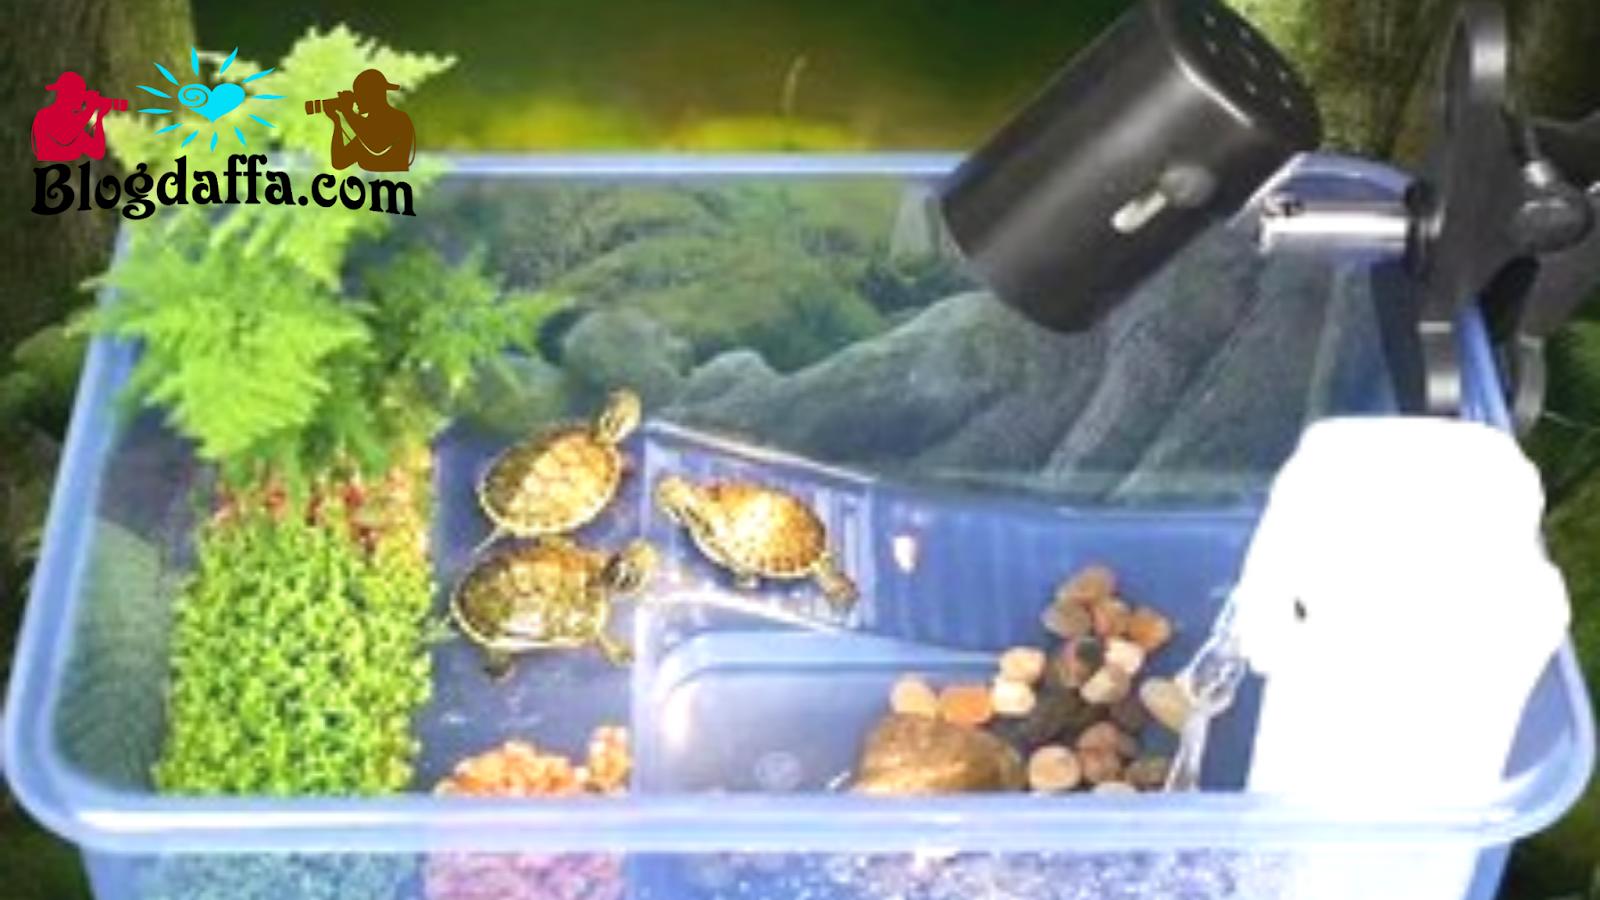 Cara merawat kura-kura dengan menyiapkan kandang yang sesuai